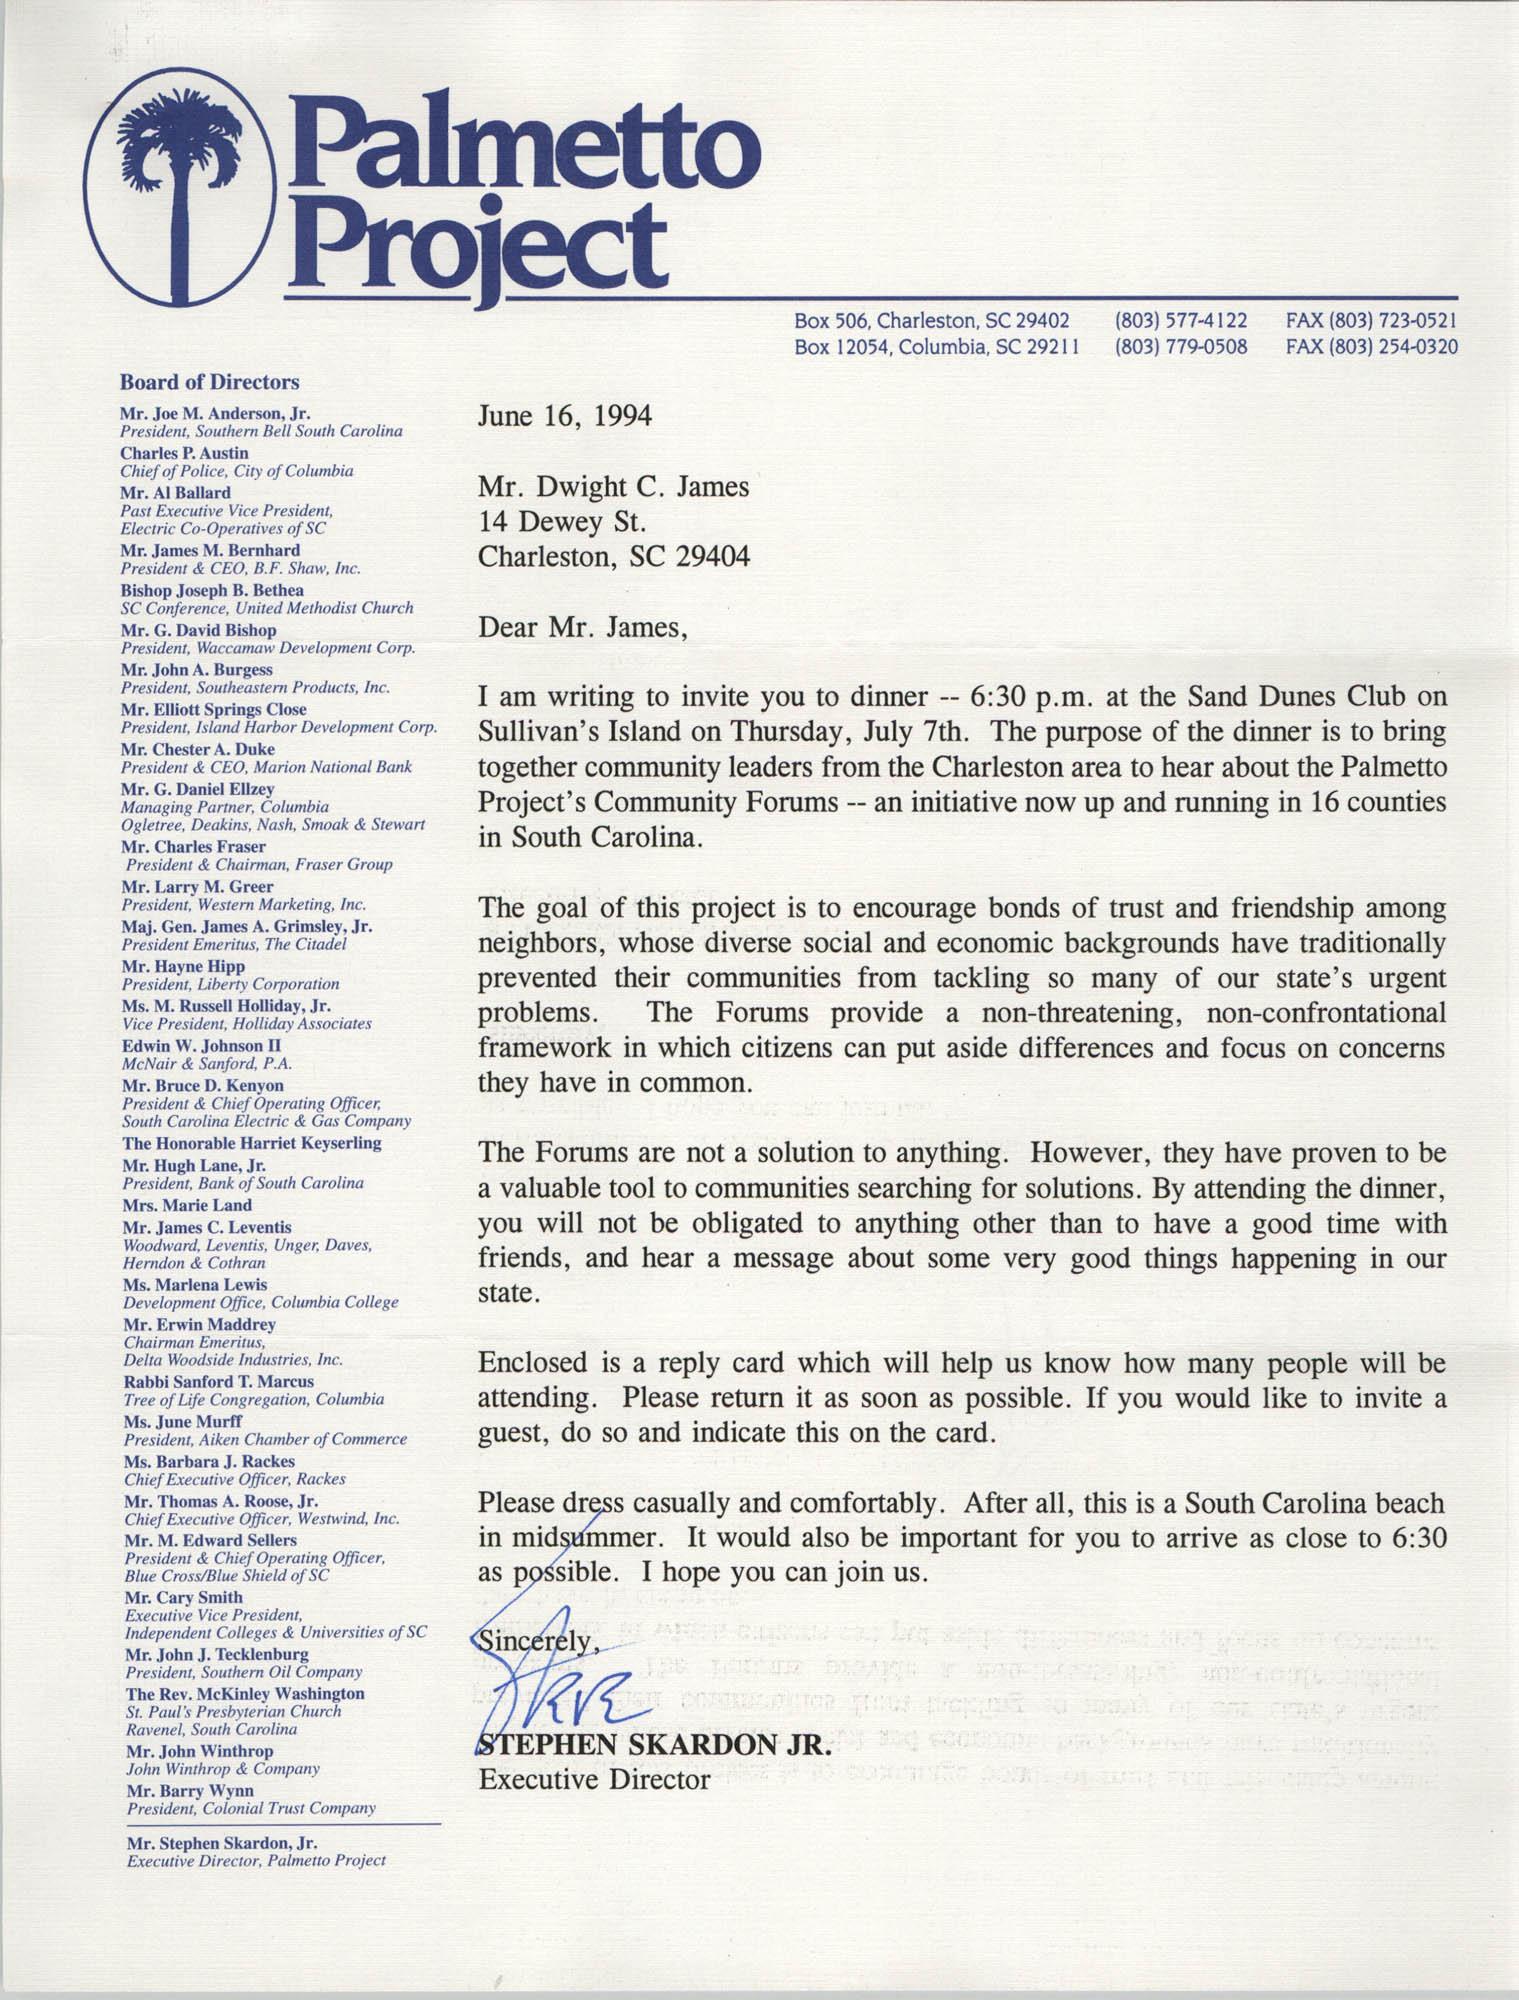 Letter from Stephen Skardon Jr. to Dwight C. James, June 16, 1994